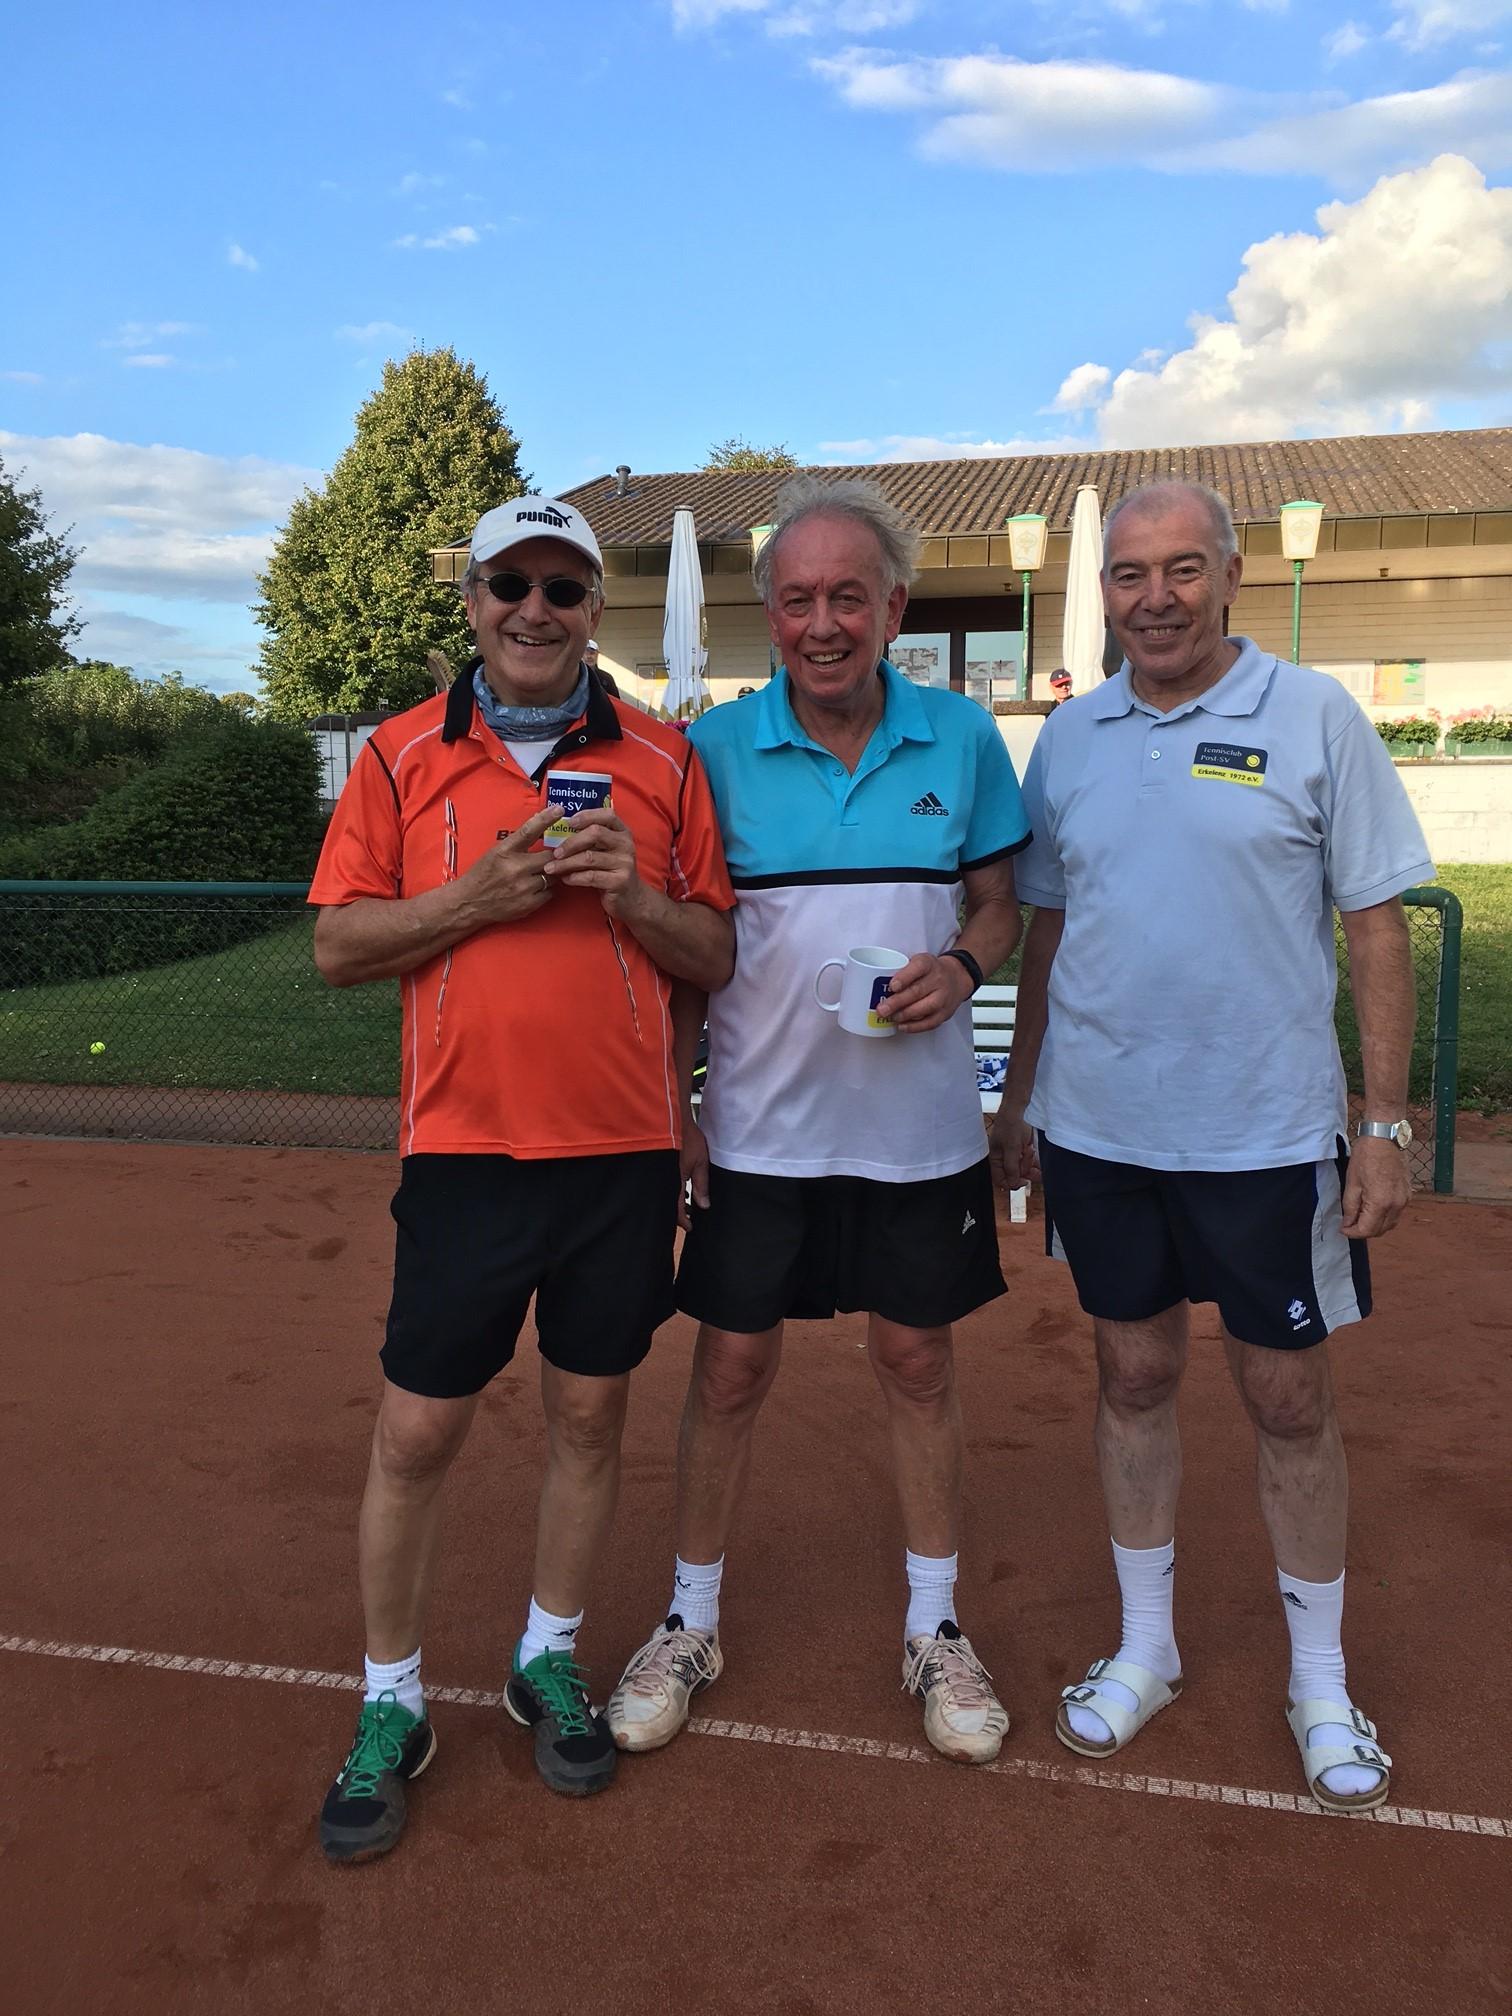 v.l. Dietmar Hülser, Robert Hübgend, Gerd Lochten